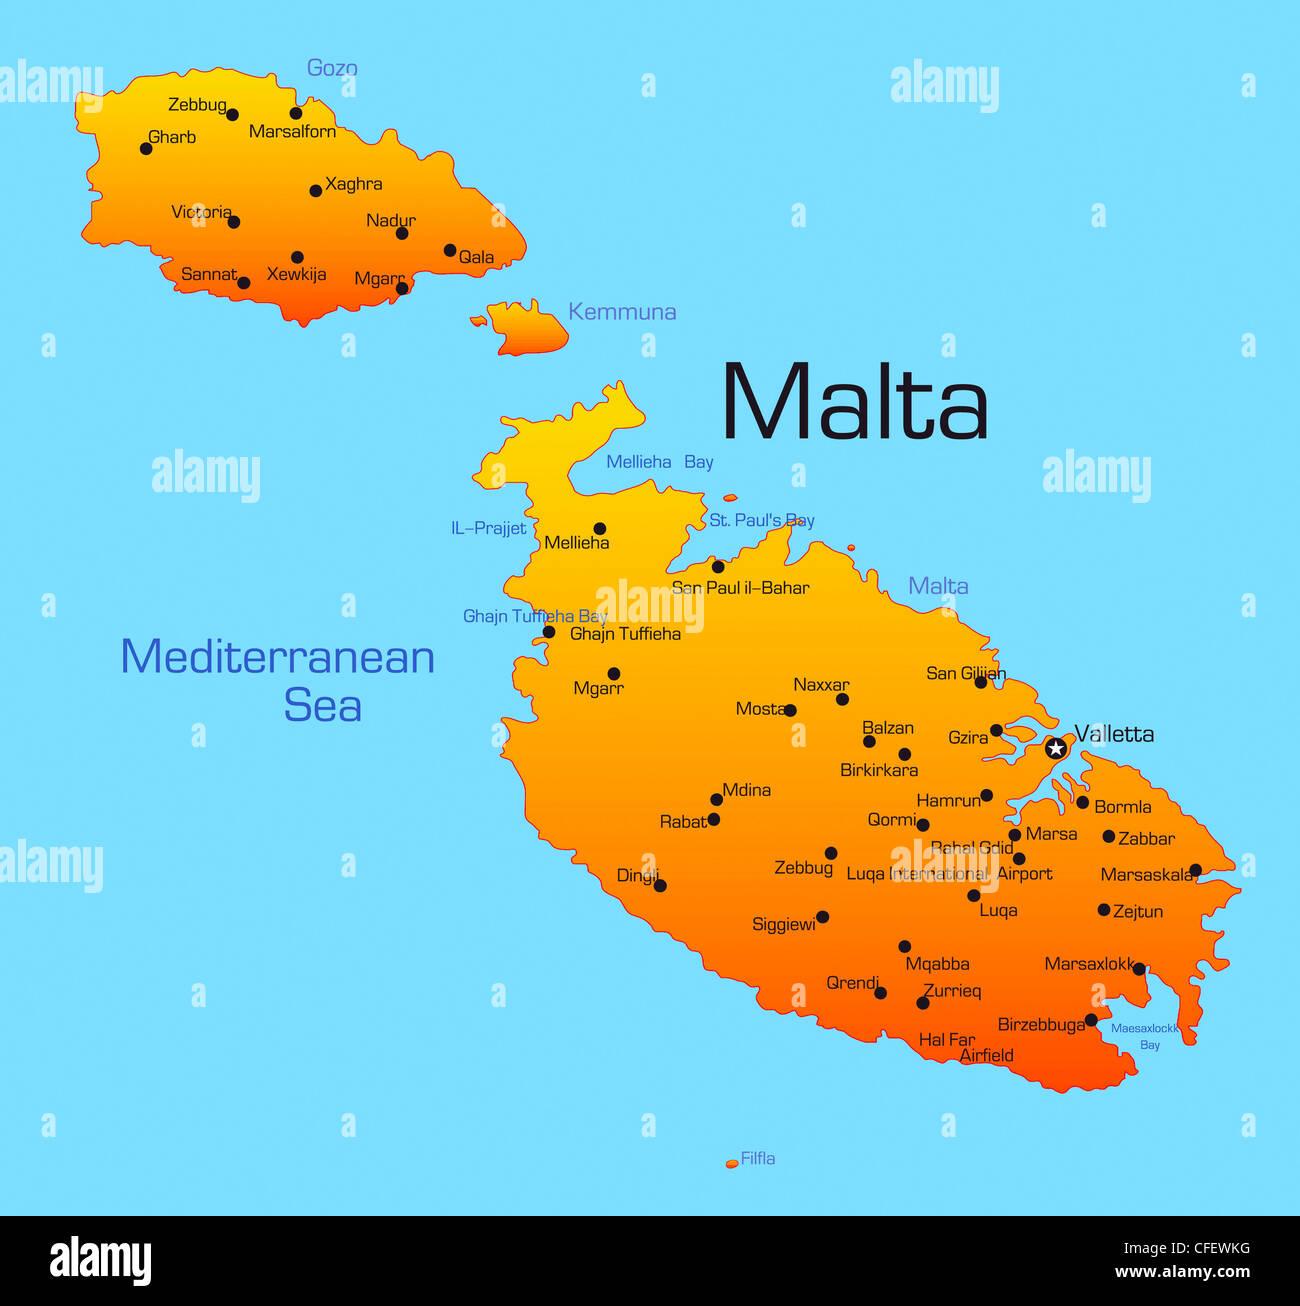 Cartina Di Malta Dettagliata.Malta Map Immagini E Fotos Stock Pagina 4 Alamy